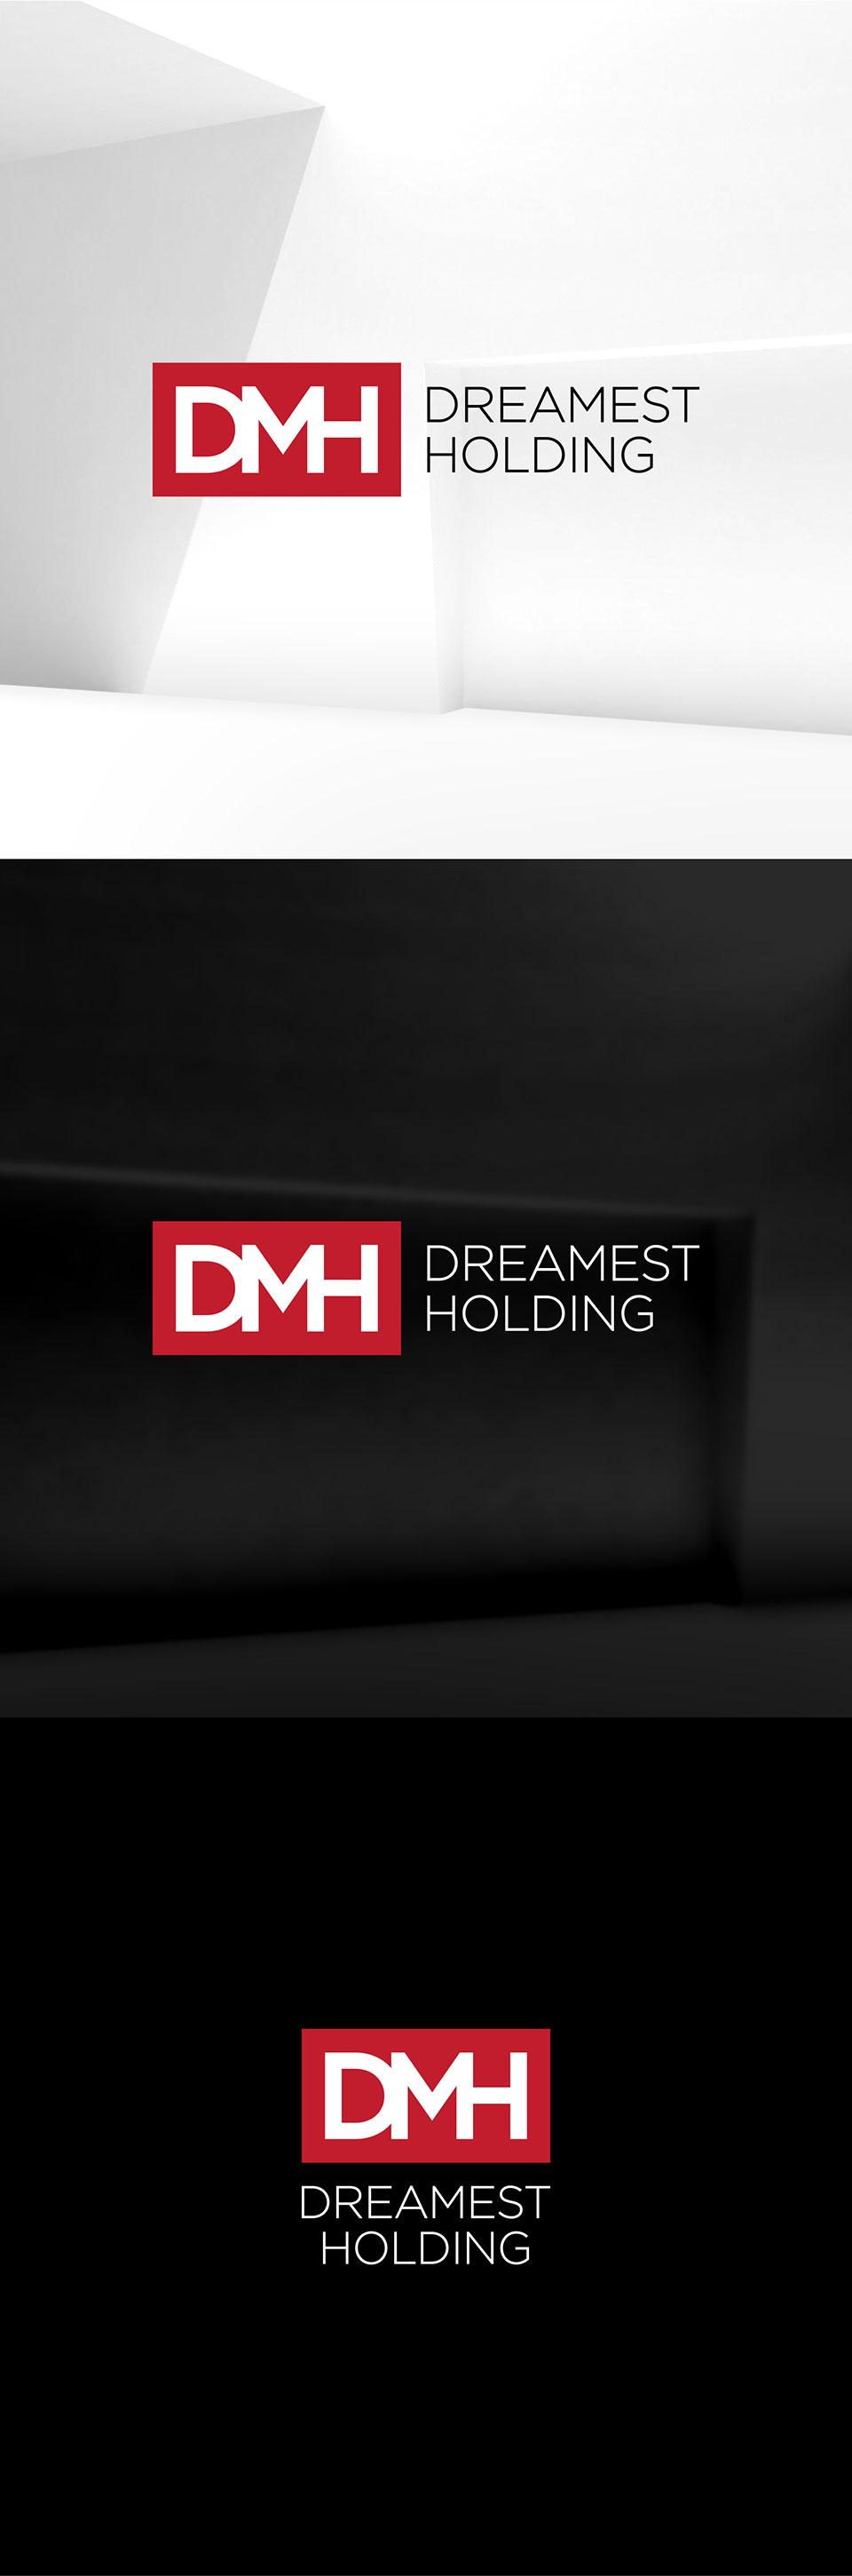 dreamestholding-logo-1